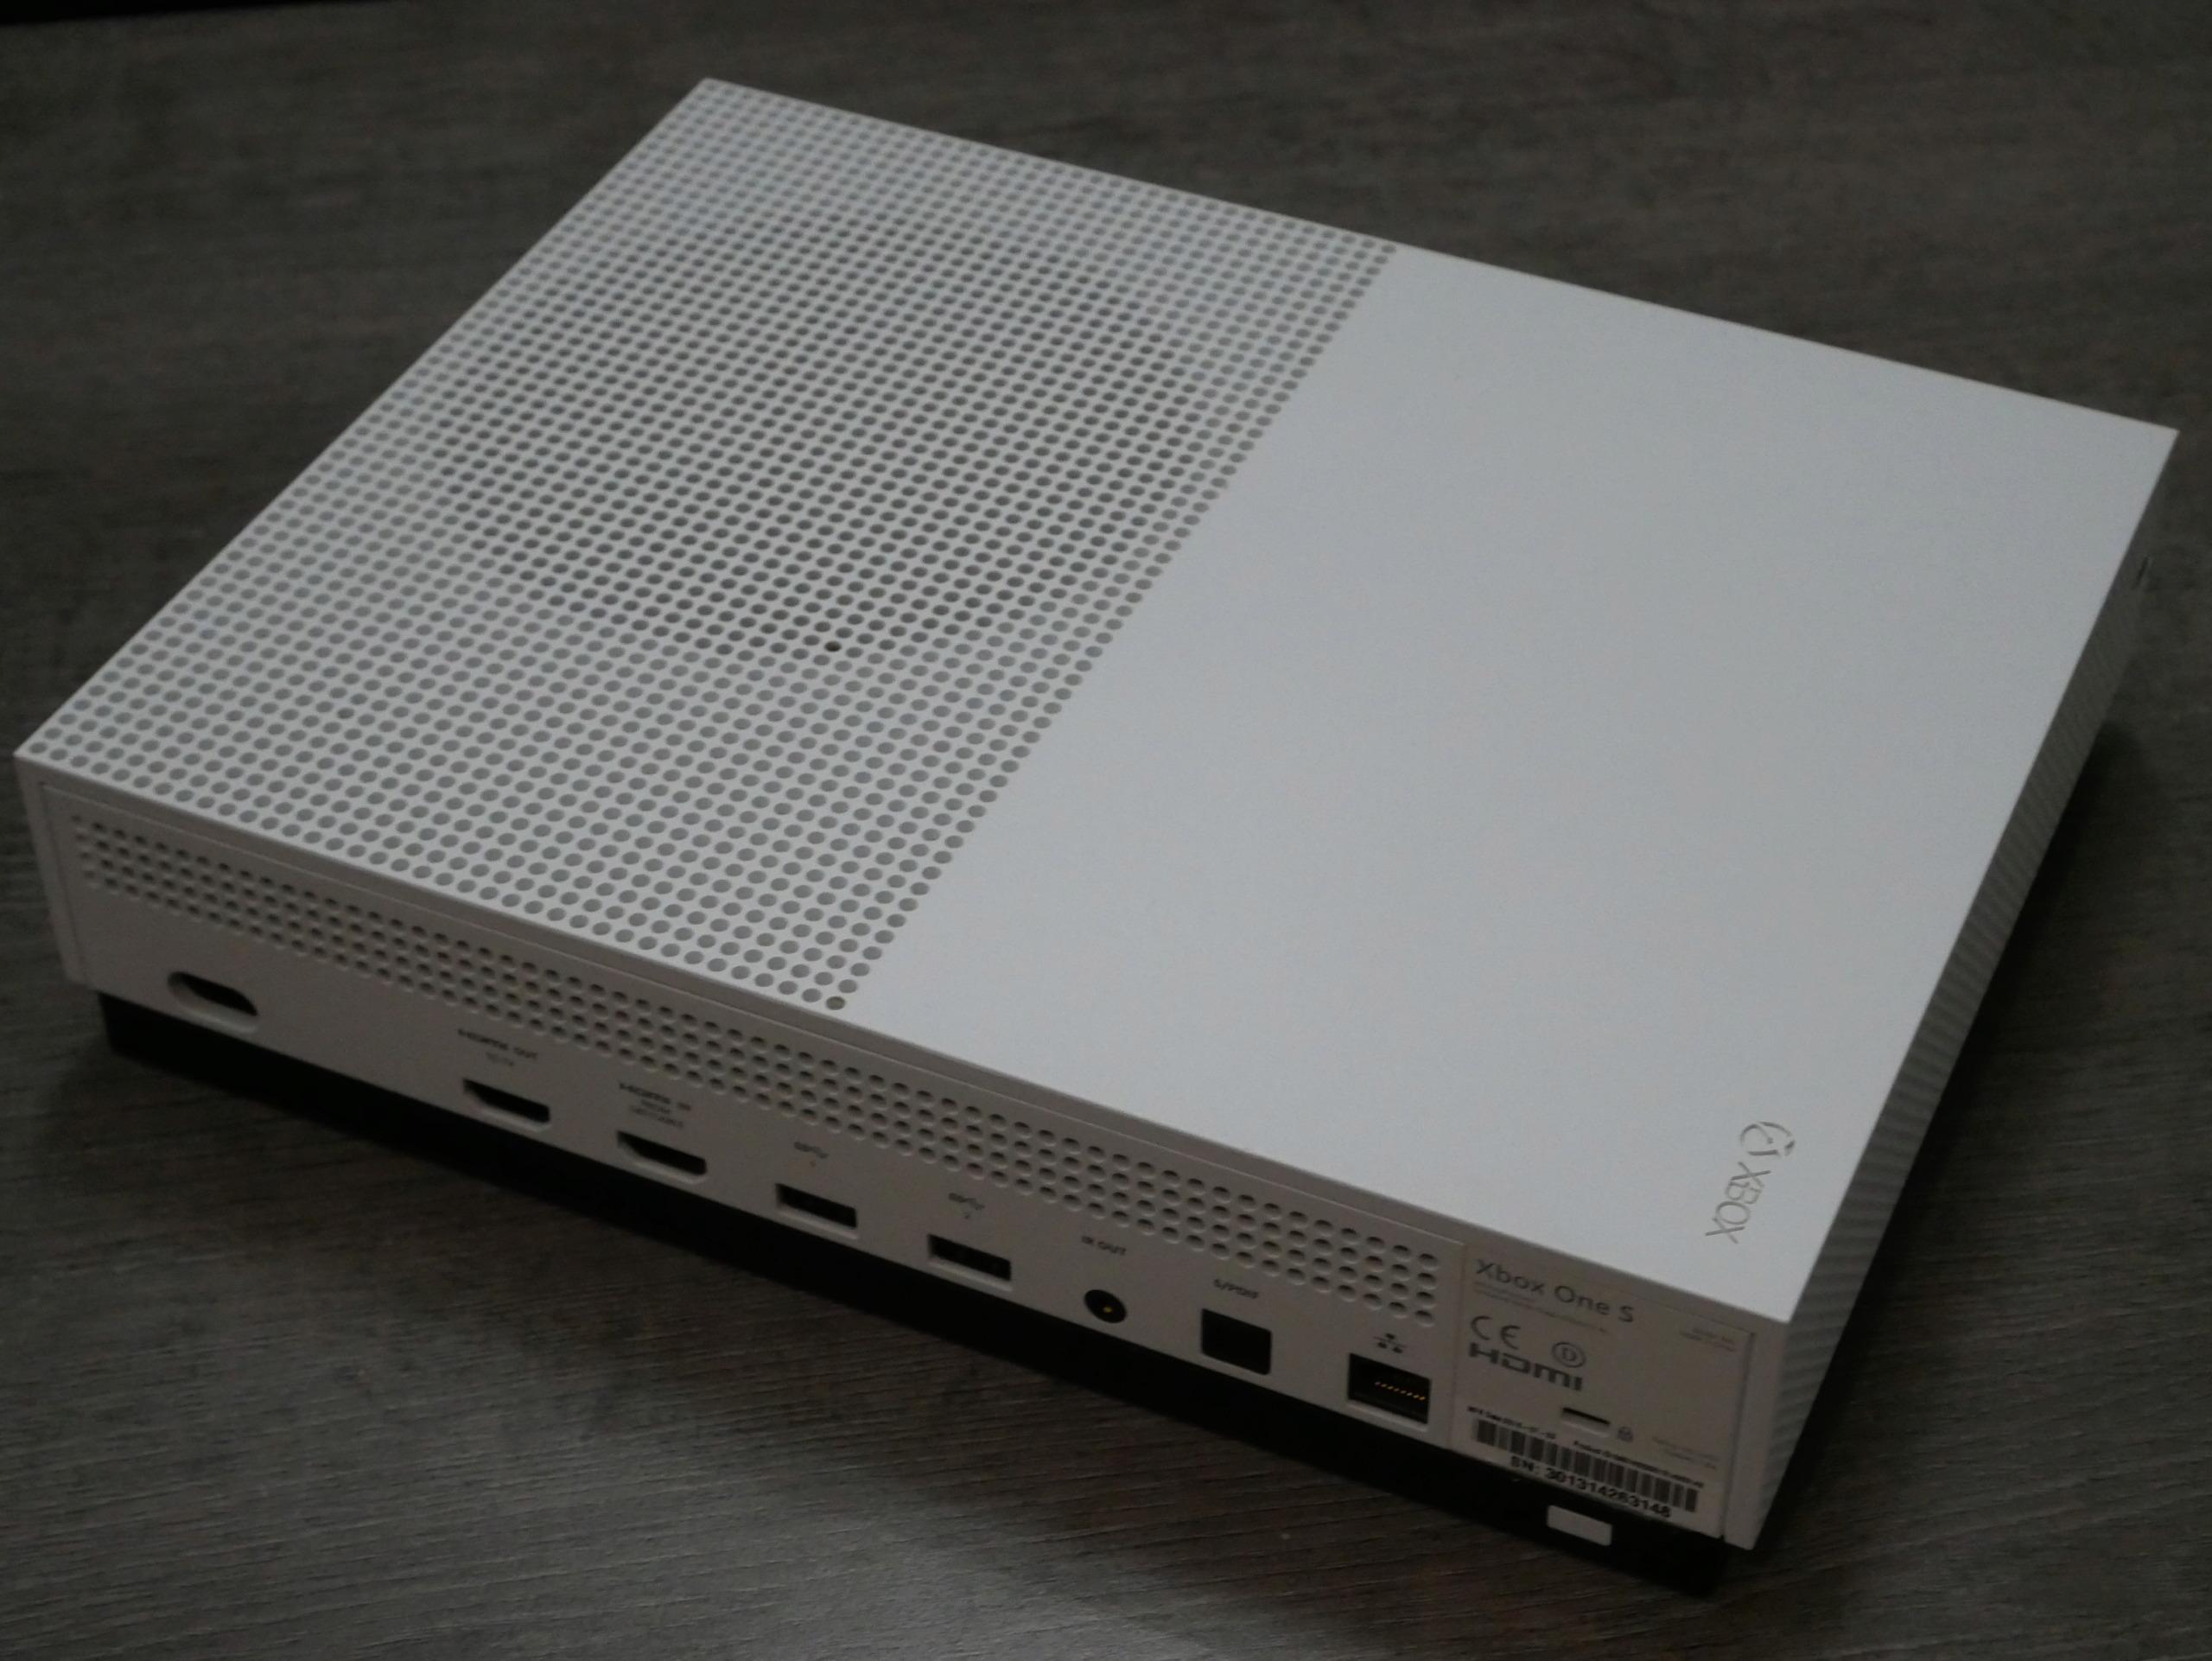 [VIANDU] XBOX ONE S 500Go complète en boite avec une manette excellent état 100€ P1070220